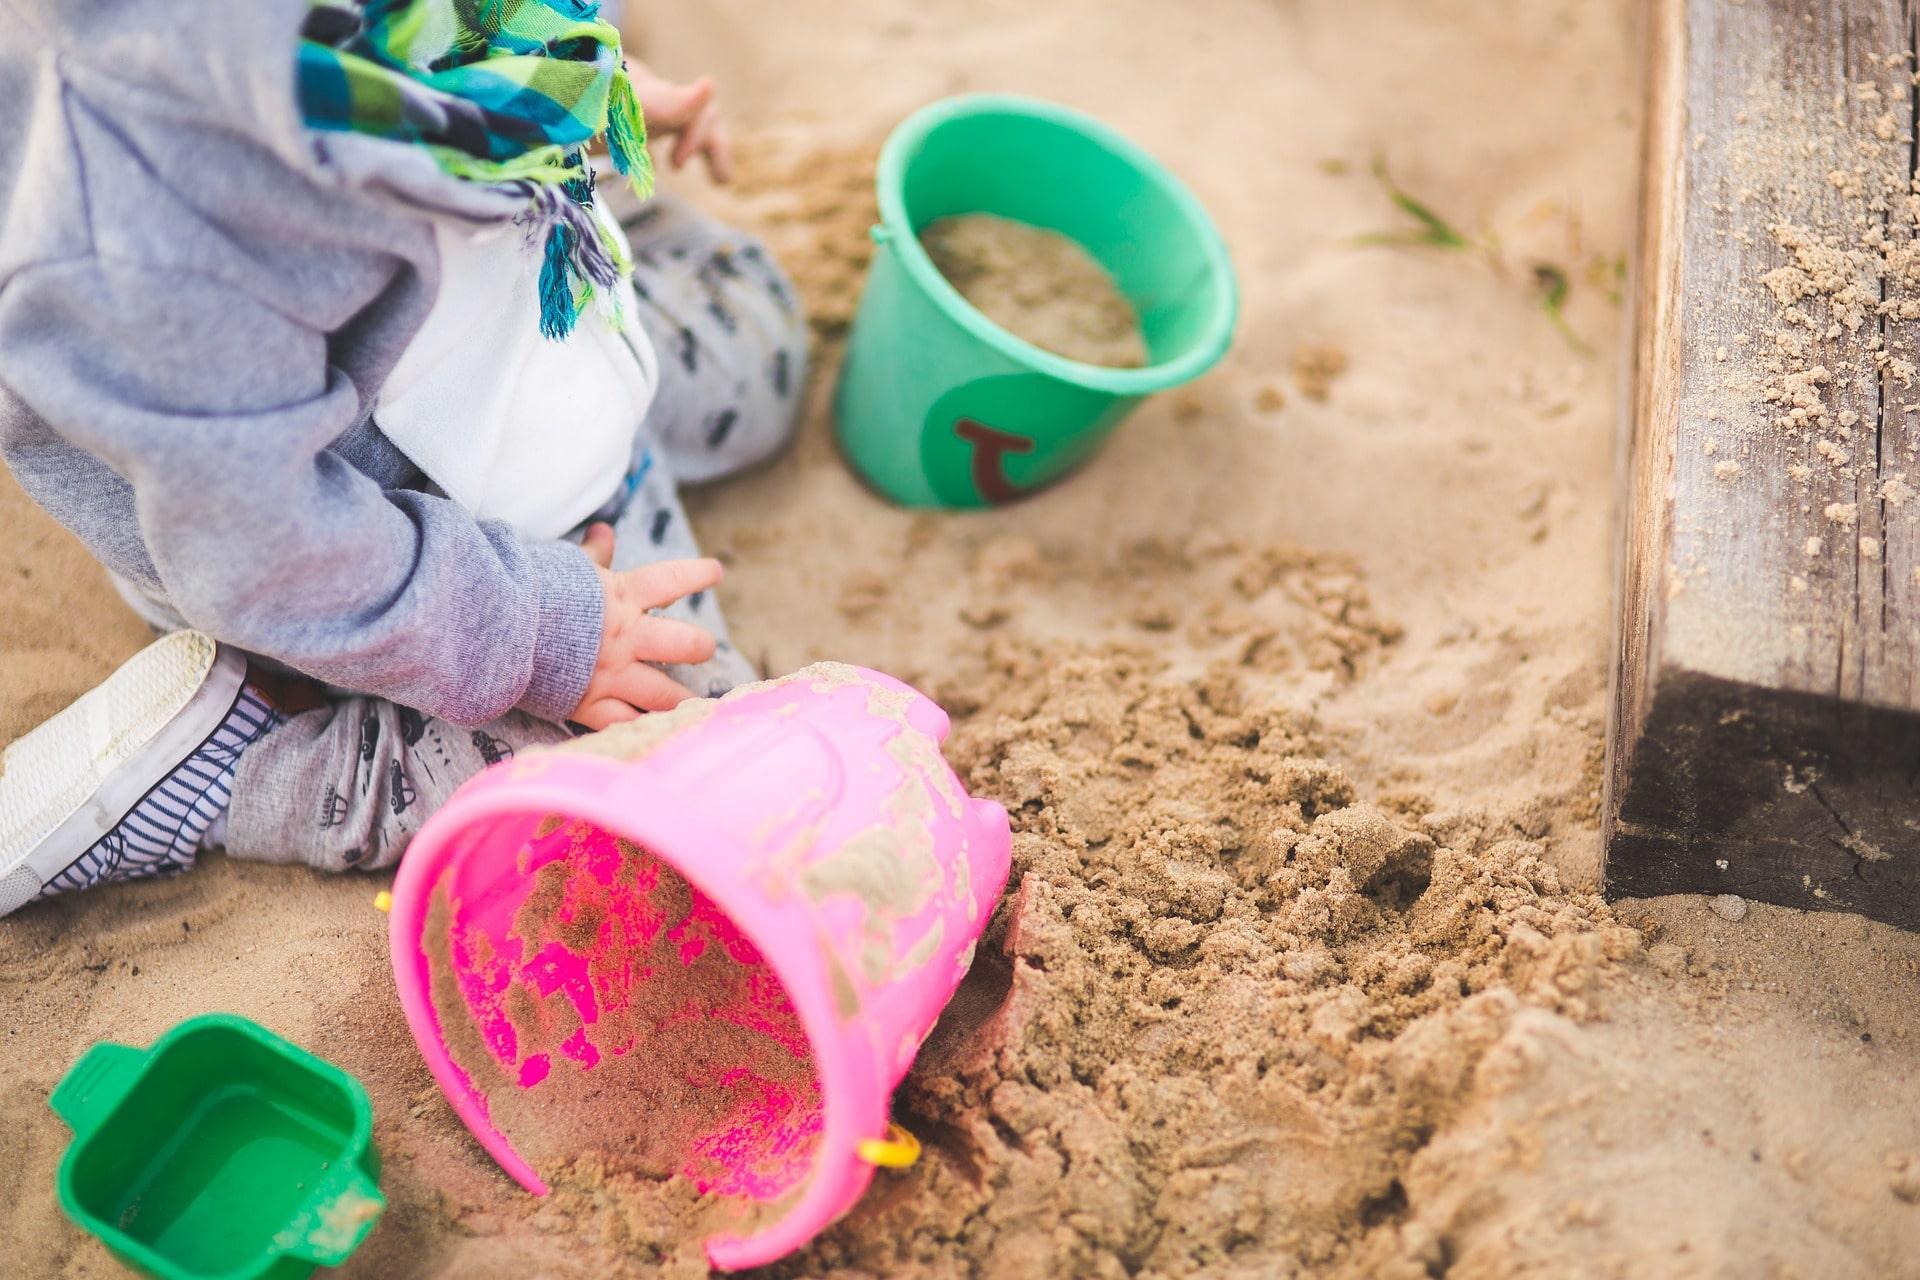 Schone zandbak voor de schoolkinderen